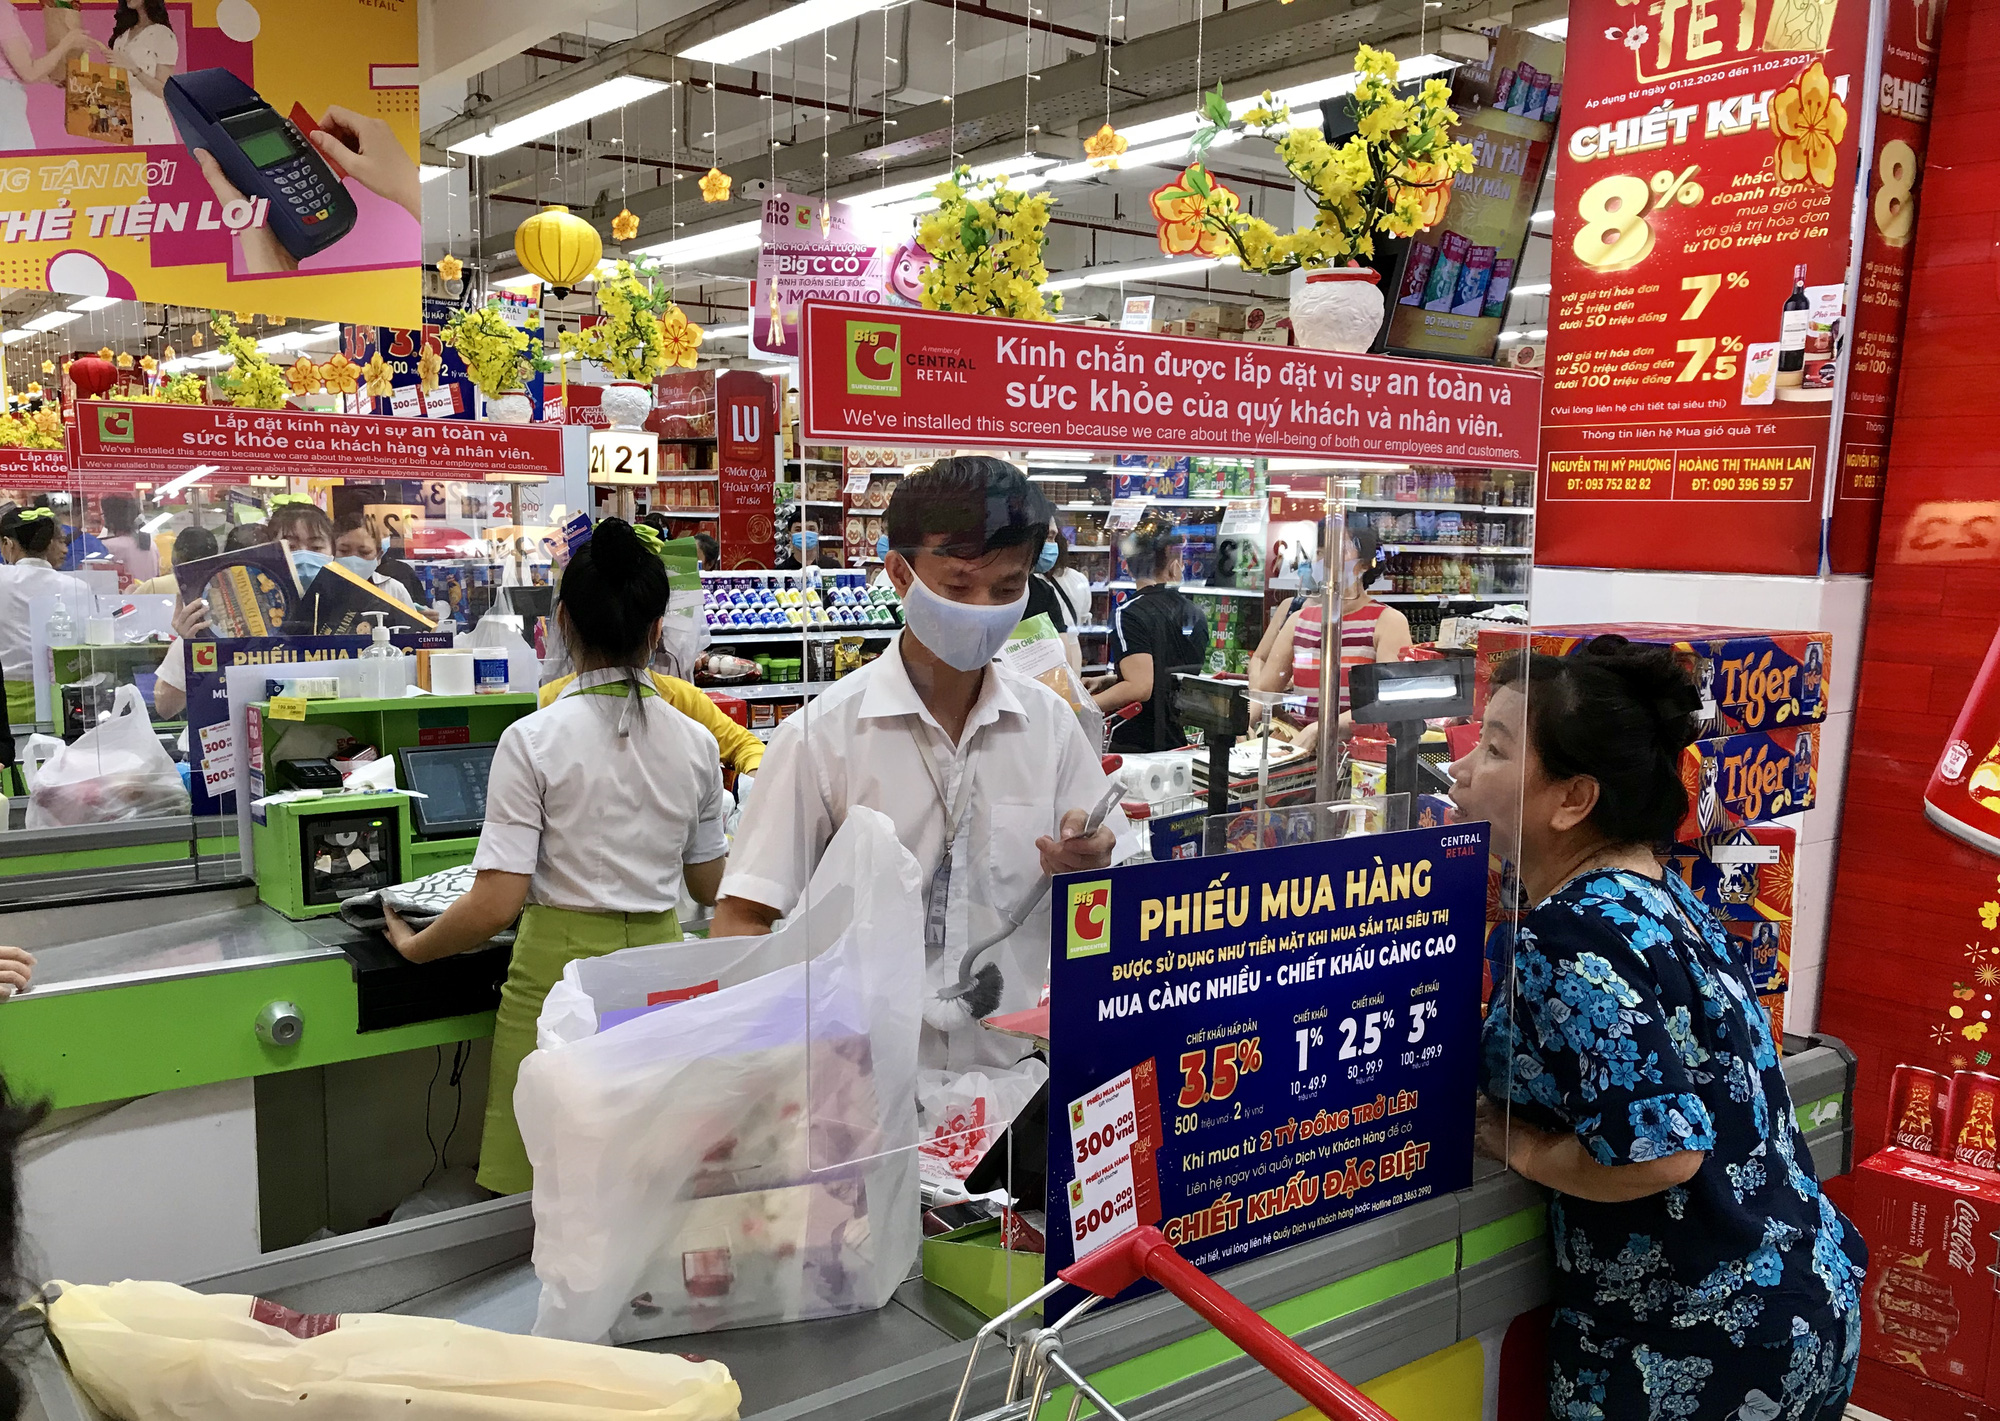 Cuộc chiến bán lẻ: Đại gia tung chiêu mới, giành giật miếng bánh trăm tỷ USD - Ảnh 3.